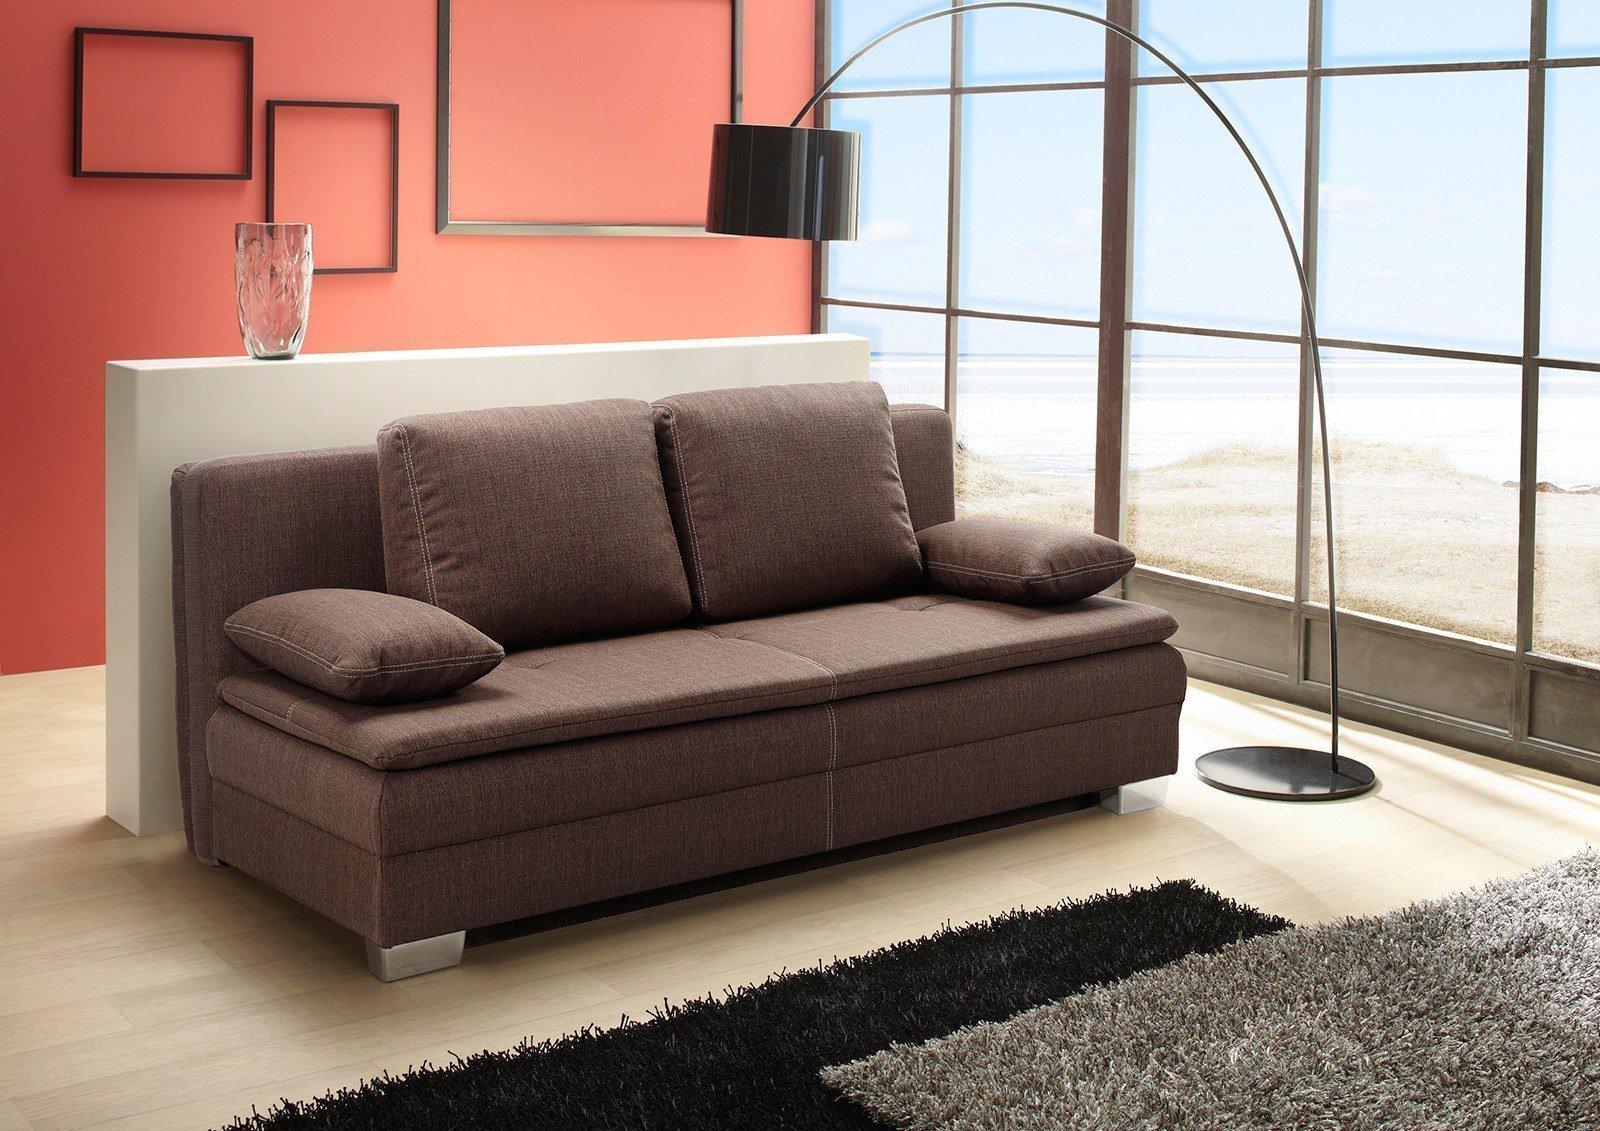 dauerschl fer florenz juana in braun von job m bel letz ihr online shop. Black Bedroom Furniture Sets. Home Design Ideas